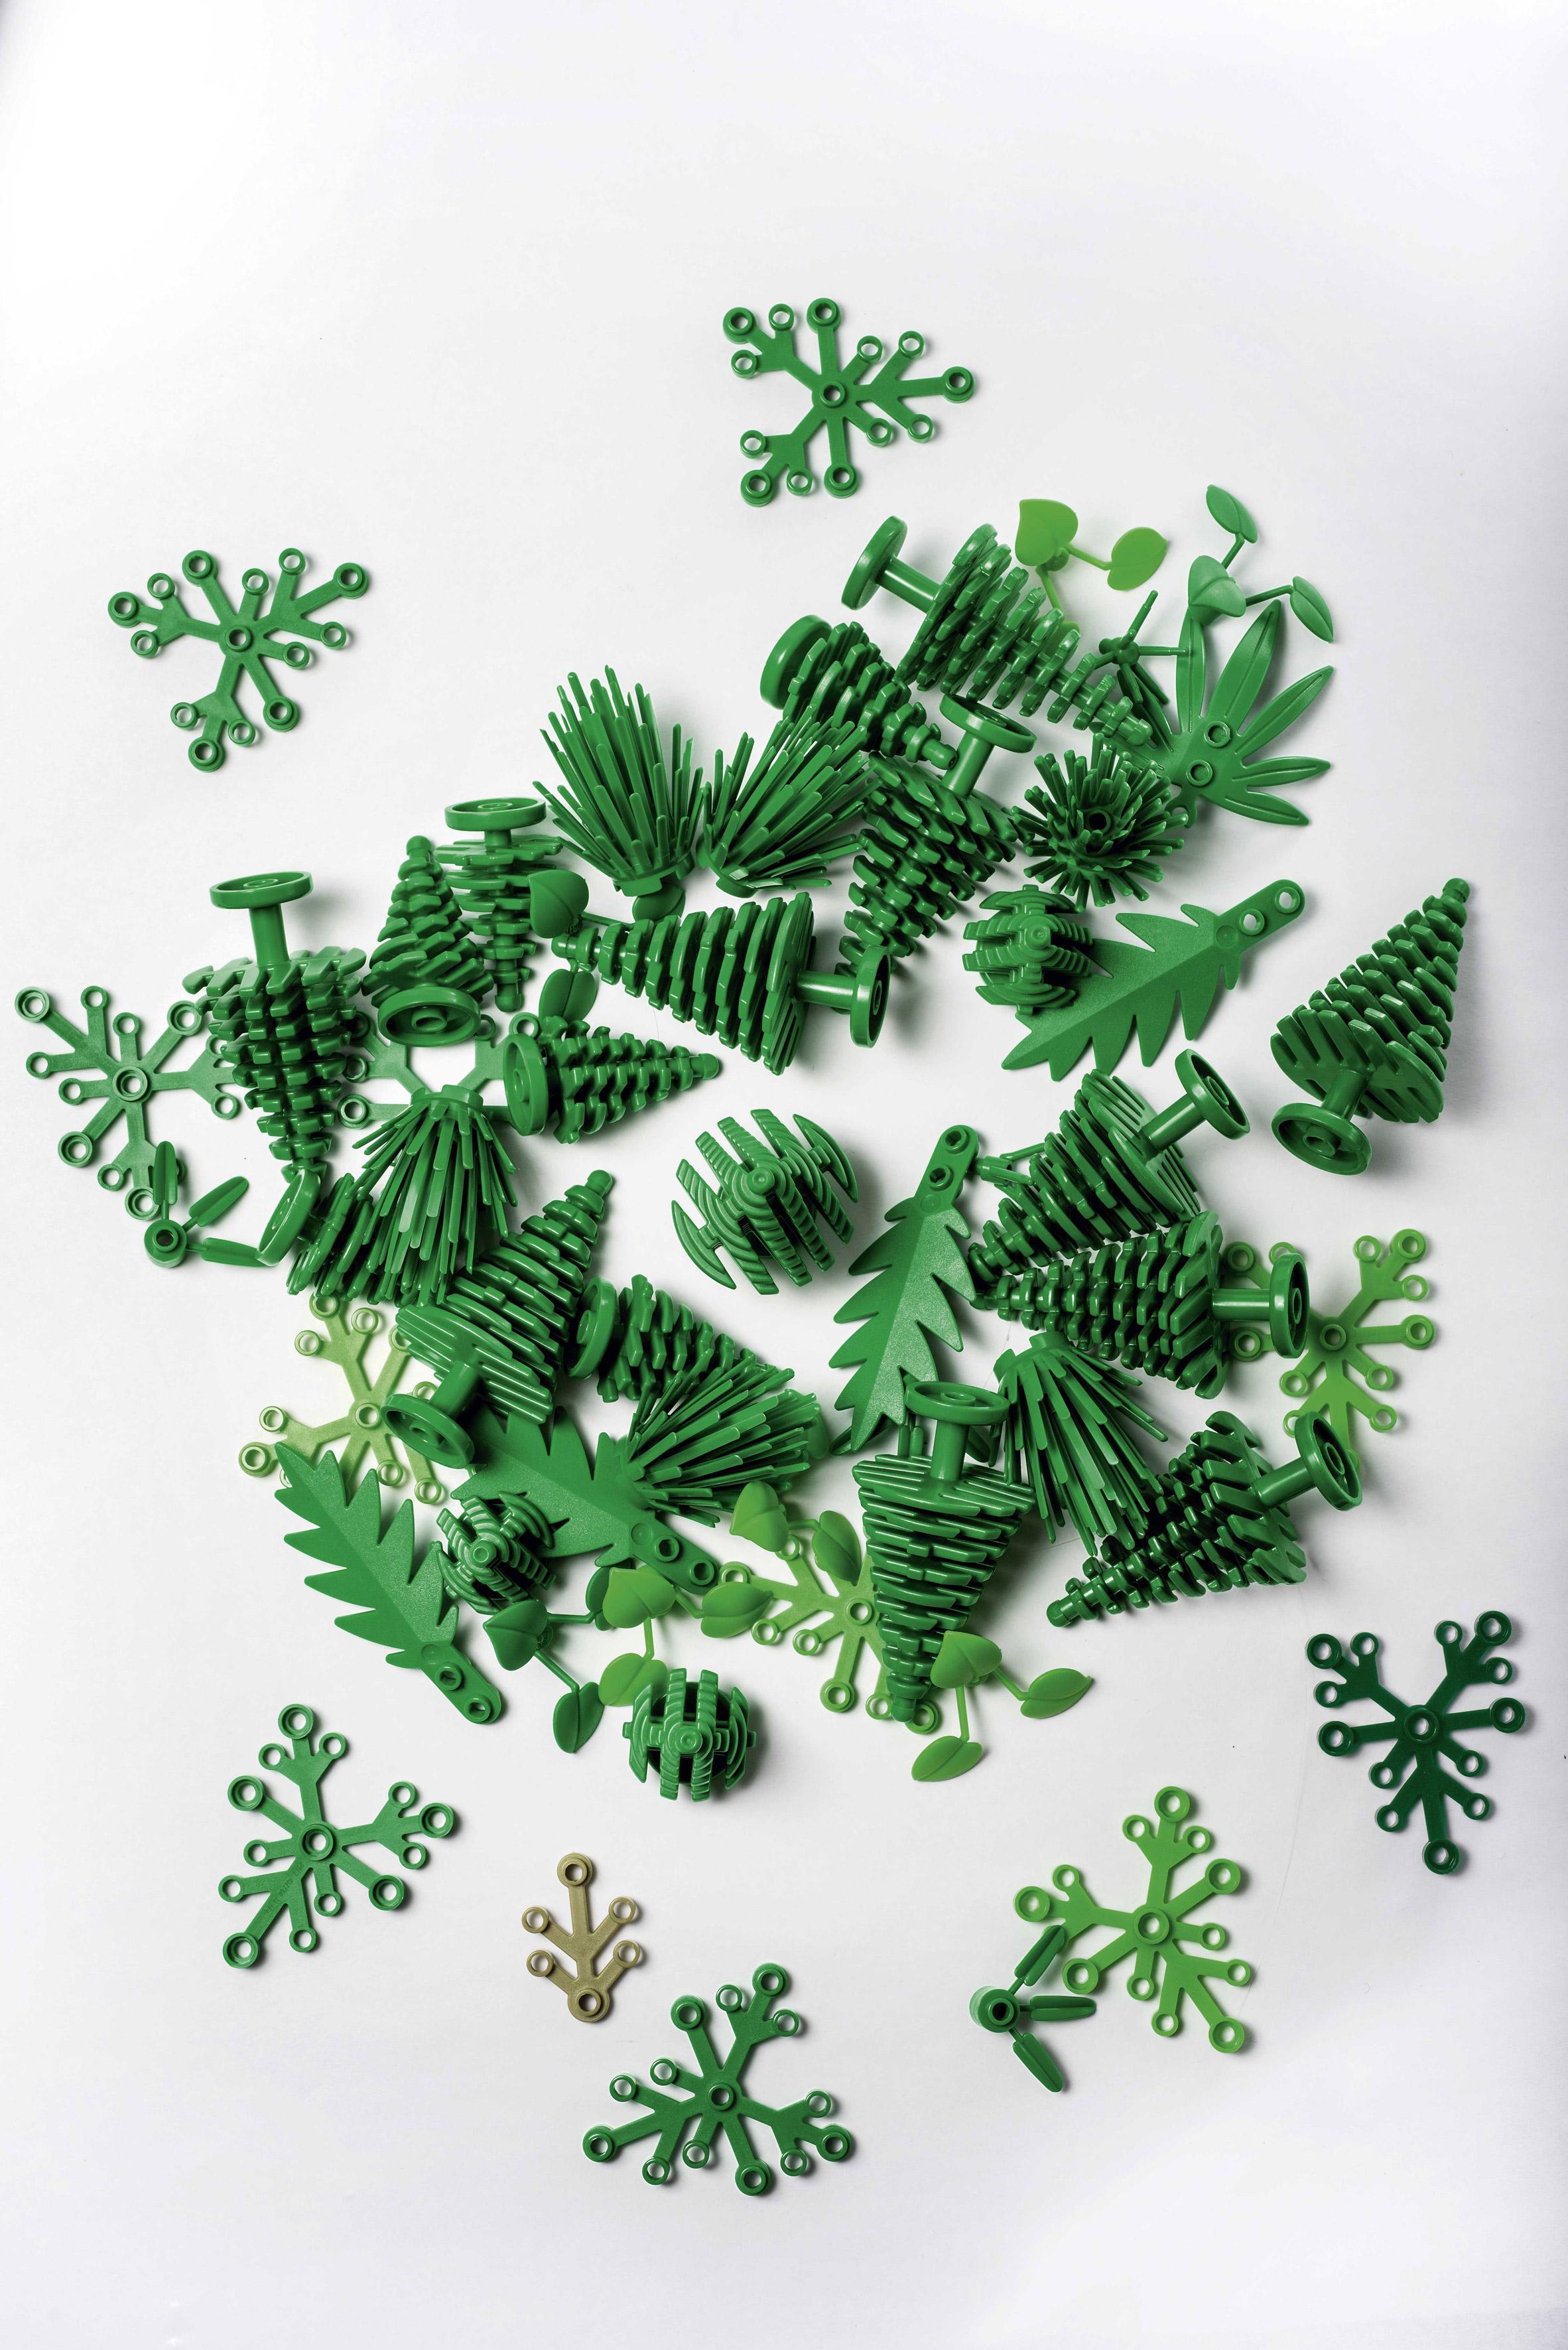 produtos sustentáveis LEGO